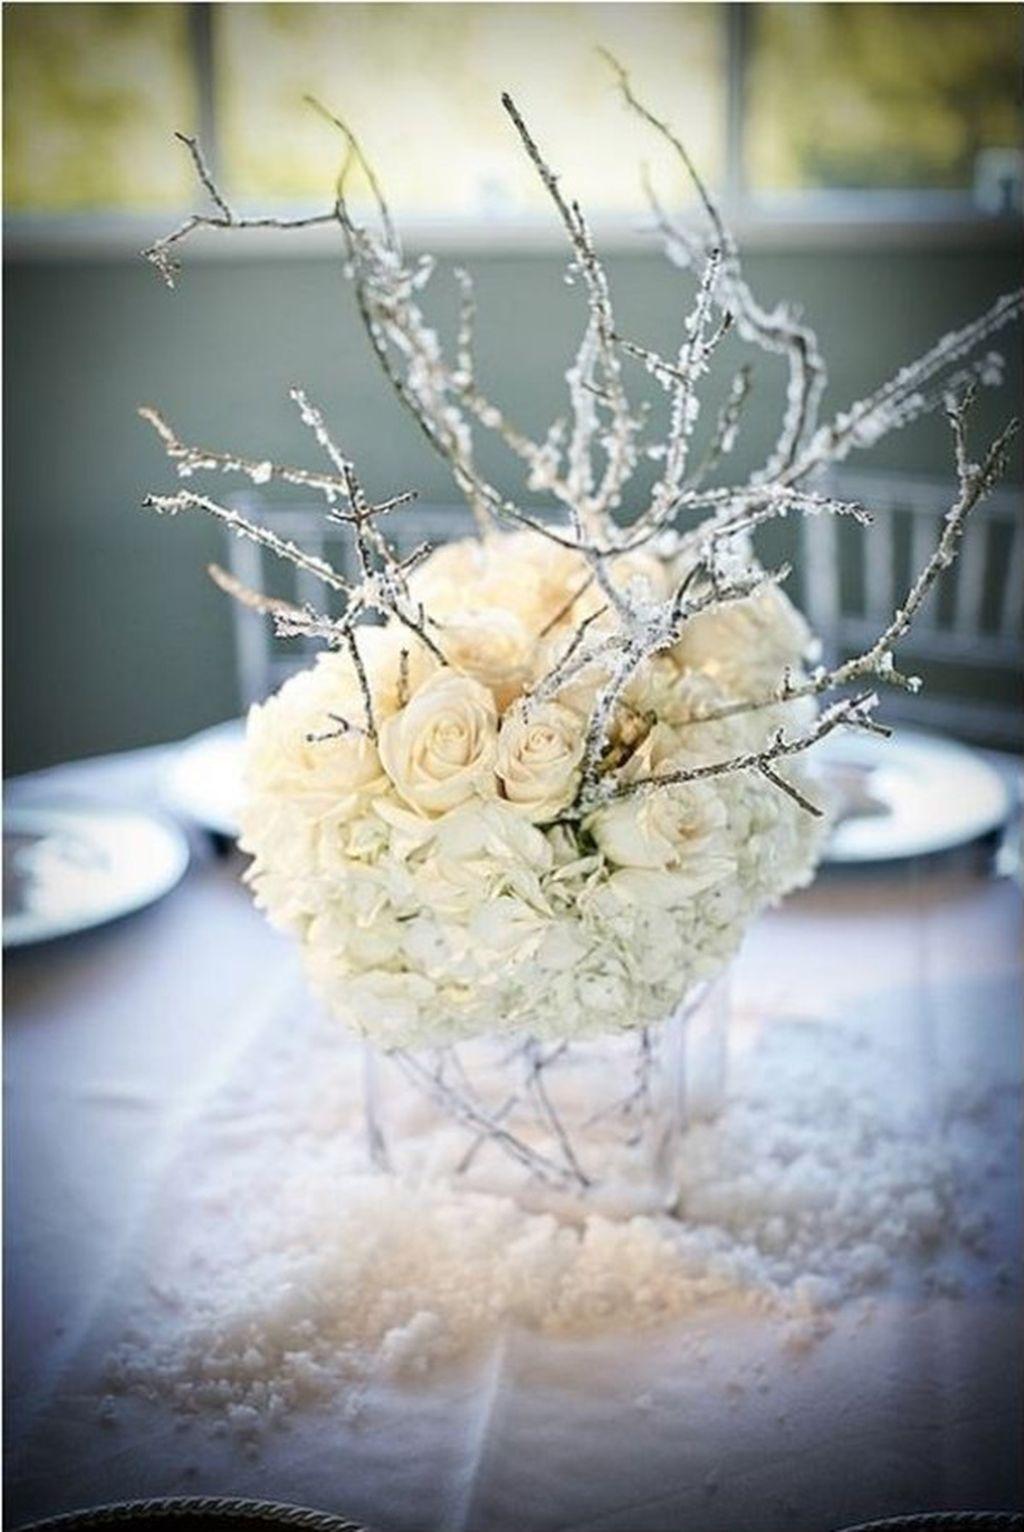 55 Totally Inspiring Winter Wedding Centerpieces Ideas | Pinterest ...